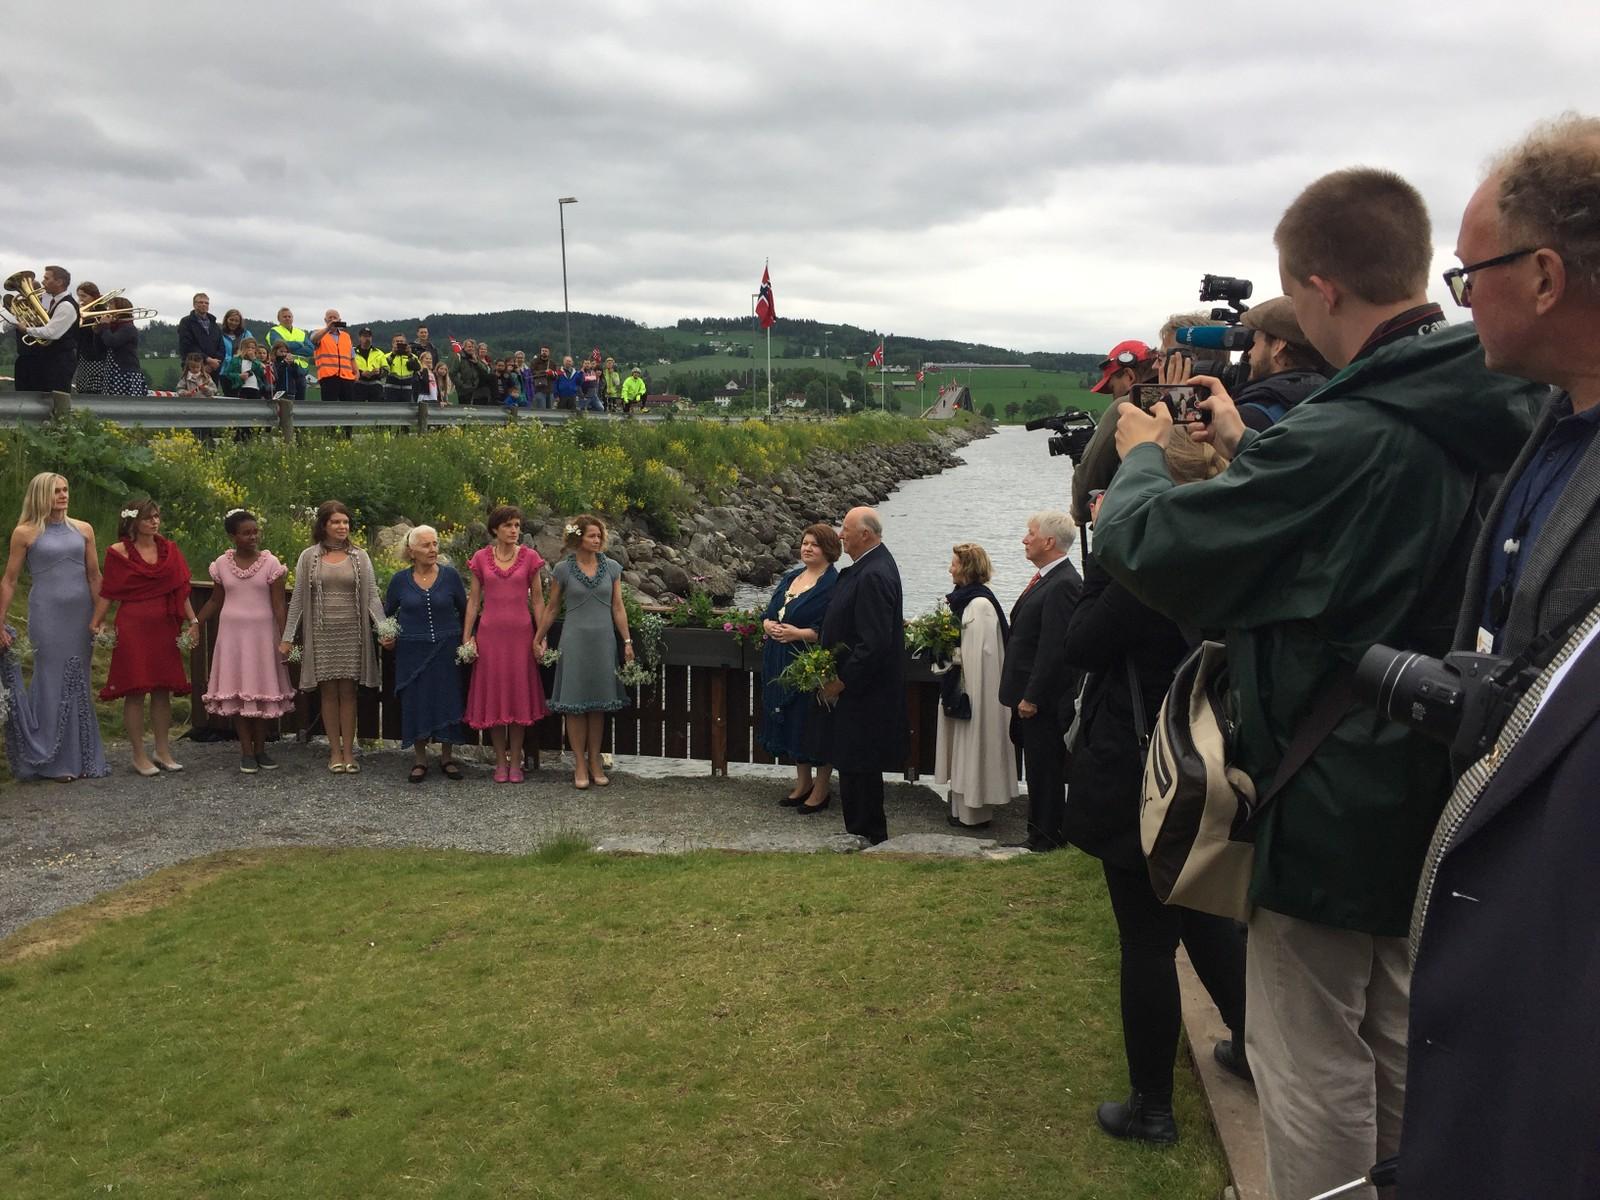 Det er i forbindelse med at Kongen og Dronningen fyller 80 år at de gjennomfører en jubileumsreise i Innlandet. Besøket startet i Hamar søndag, og skal vare i fire dager. Her er de på Tingnes i Ringsaker.